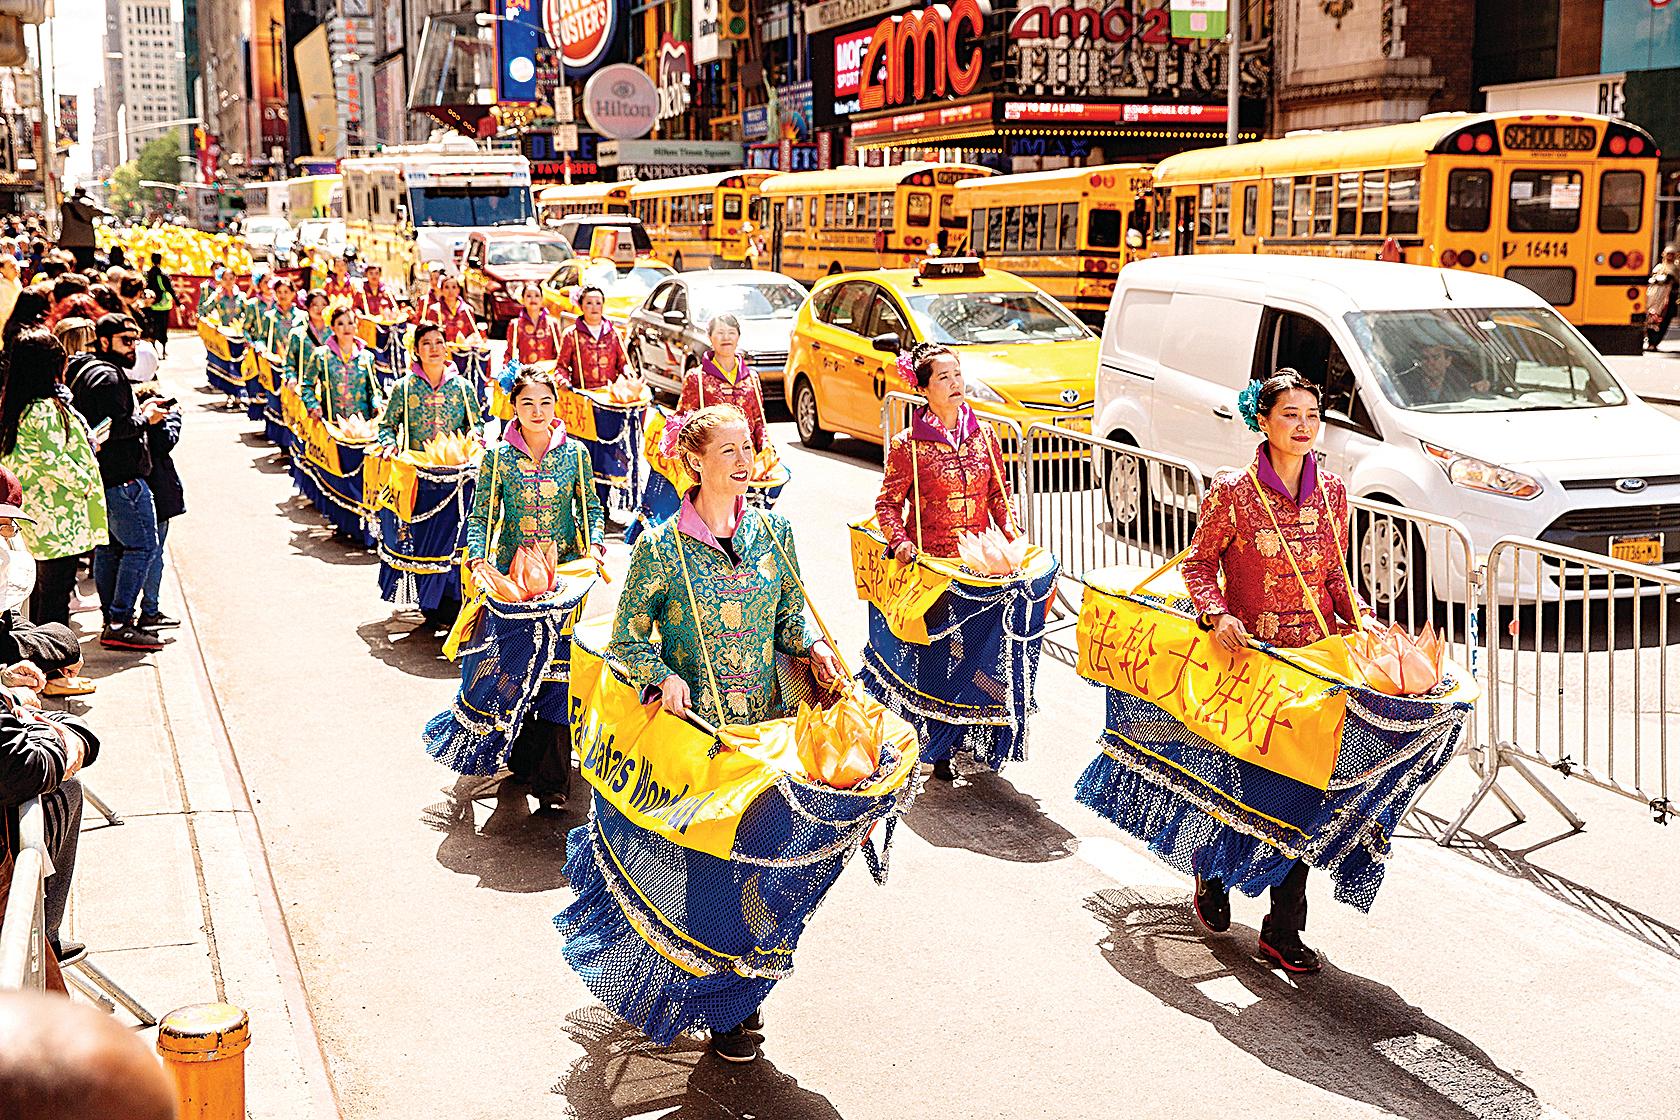 2017年5月12日,上萬名來自世界各地不同國家、不同民族的法輪功學員匯聚紐約,慶祝法輪大法傳世25周年。